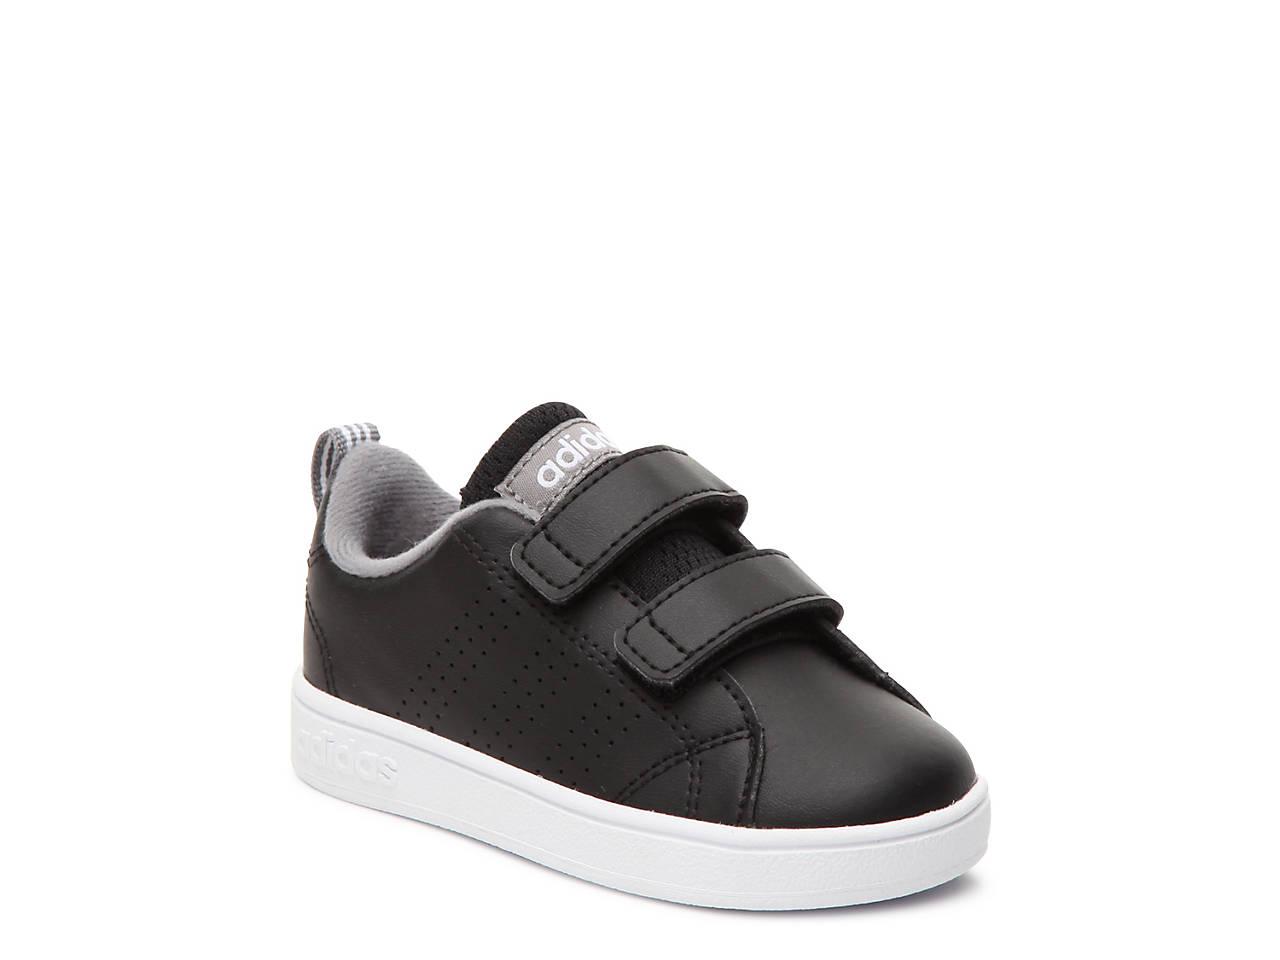 6d82b1e2d3c Dsw Clean Toddler Adidas Advantage Shoes Sneaker Kids xOAwqW4YBU